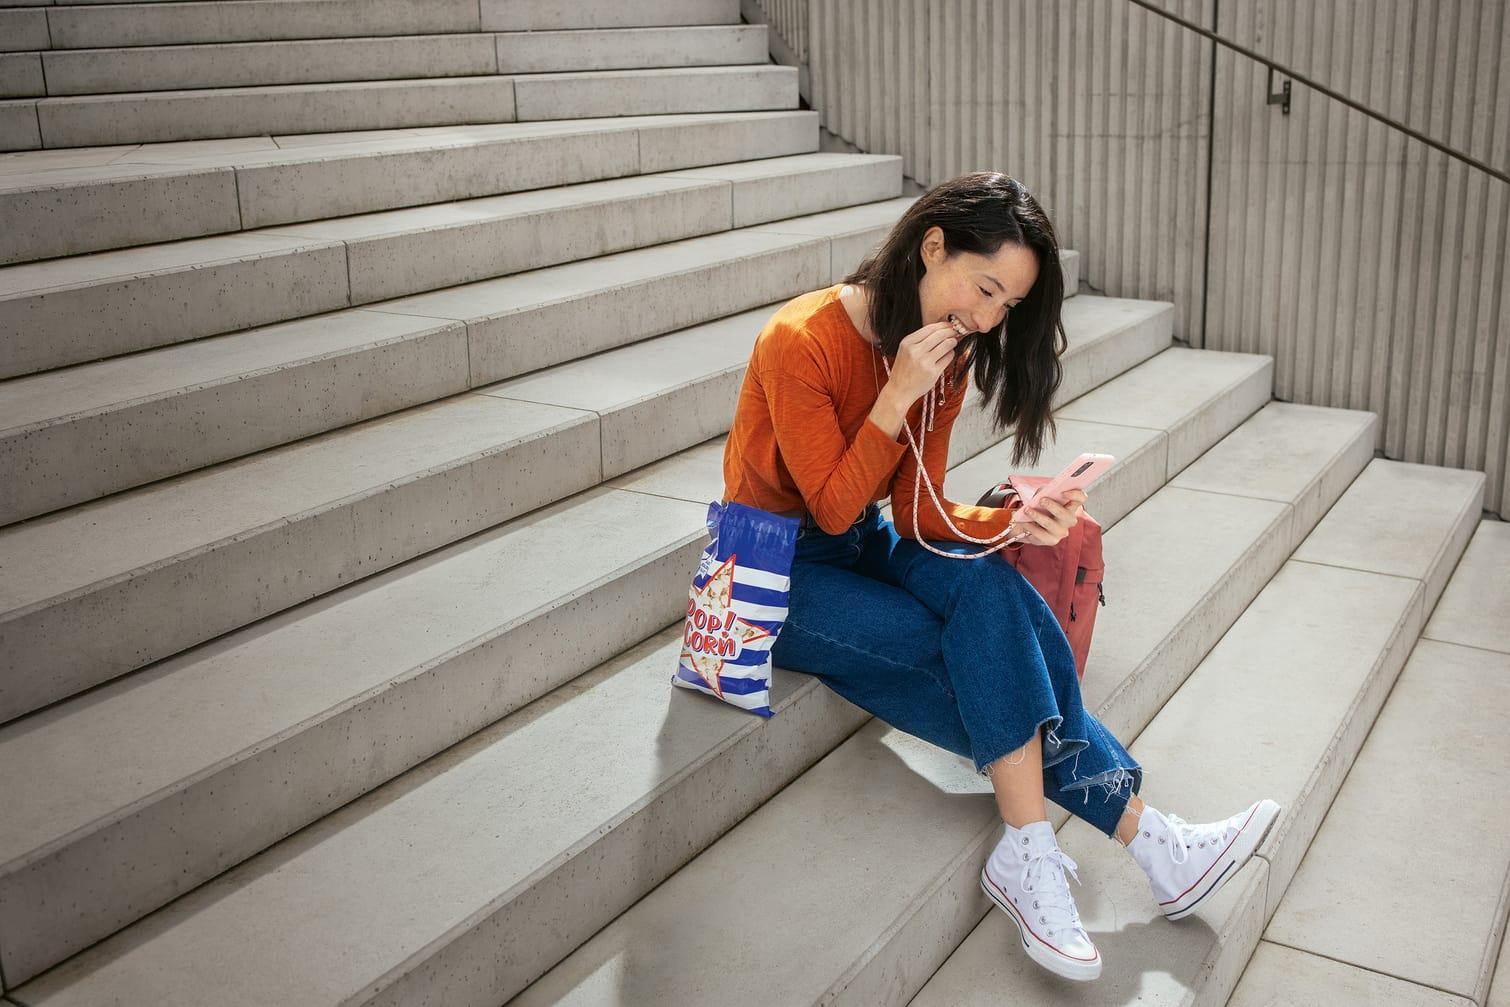 Eine junge Frau sitzt auf einer Beton-Treppe, isst Popcorn und schaut dabei auf ihr Smartphone.